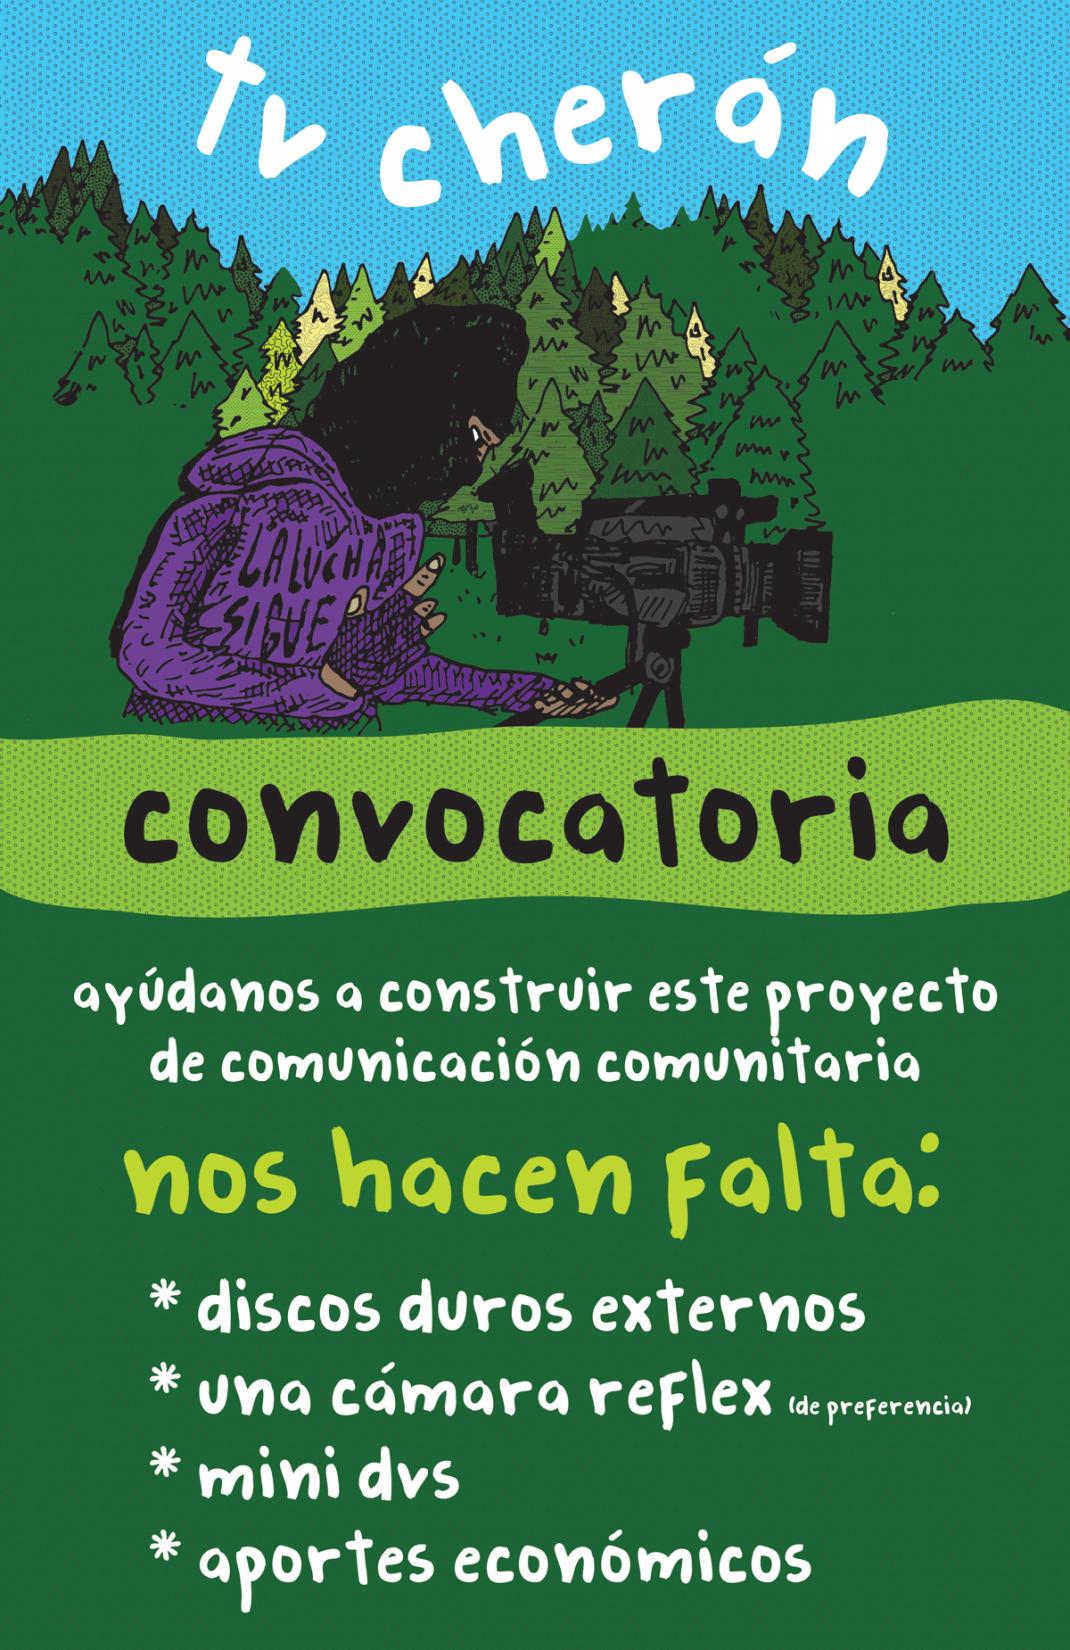 convoch